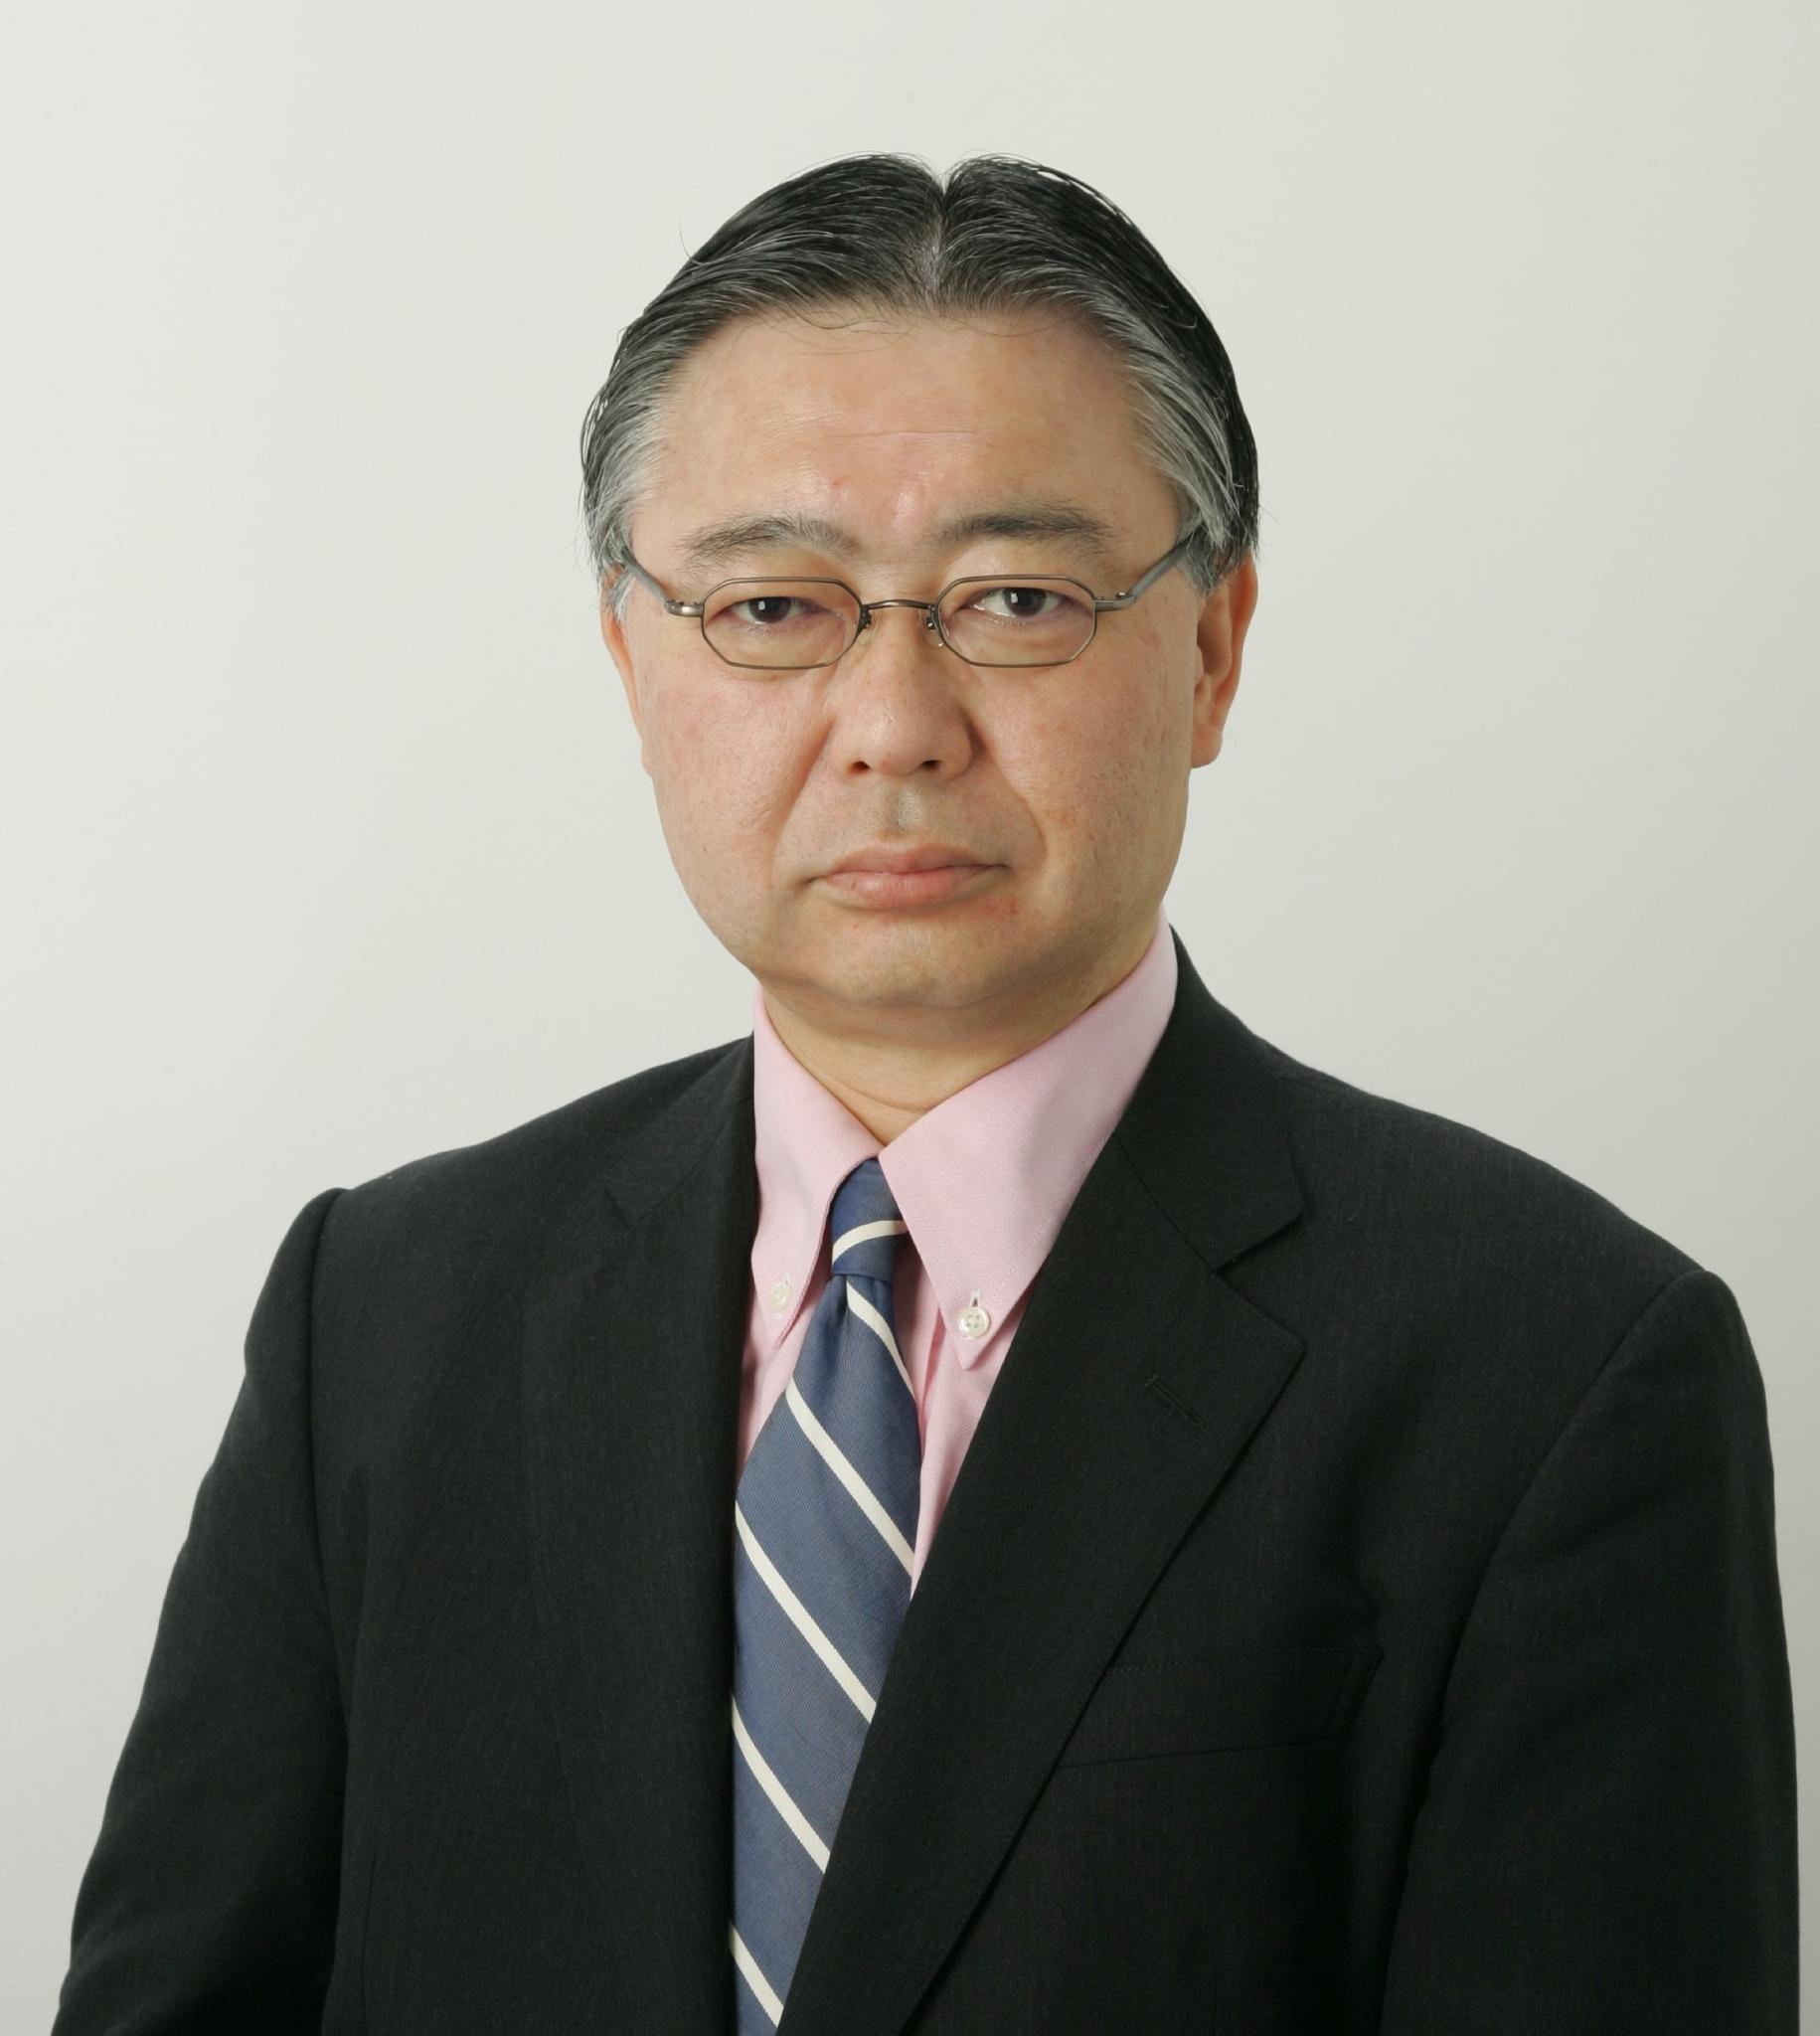 板橋 功 (Mr Isao Itabashi)